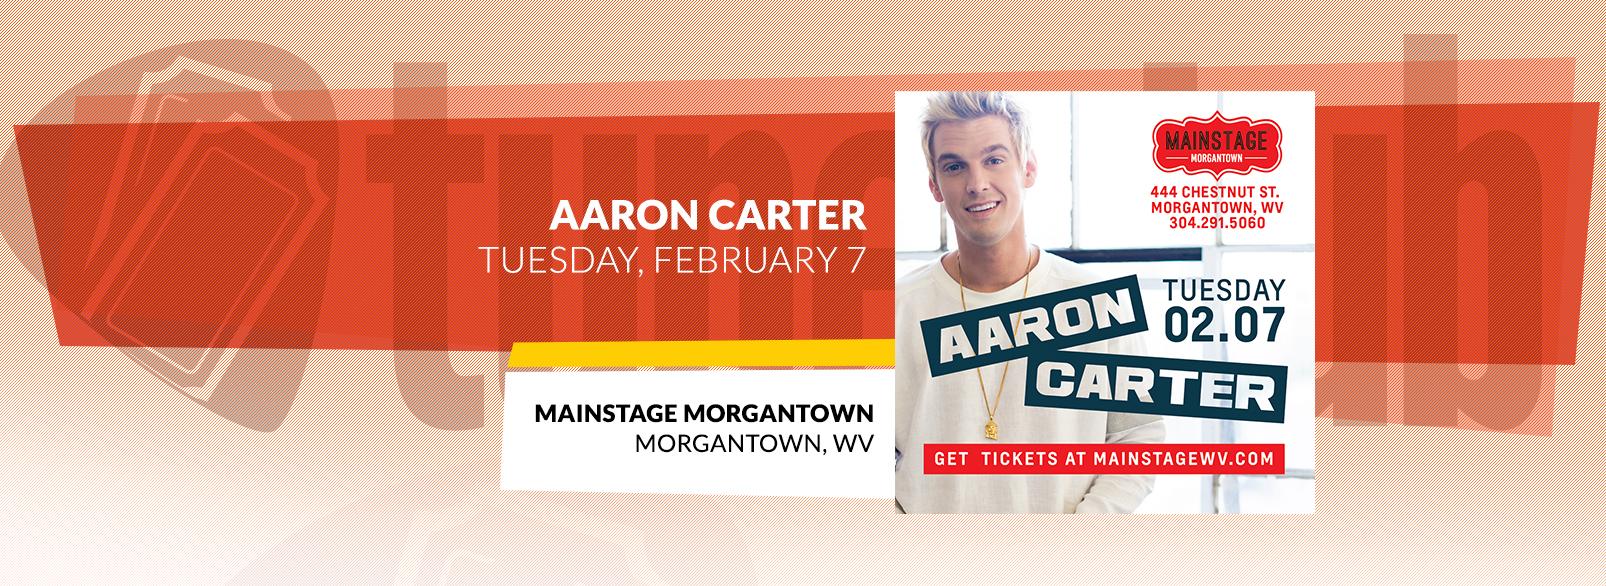 Aaron Carter @ Mainstage Morgantown